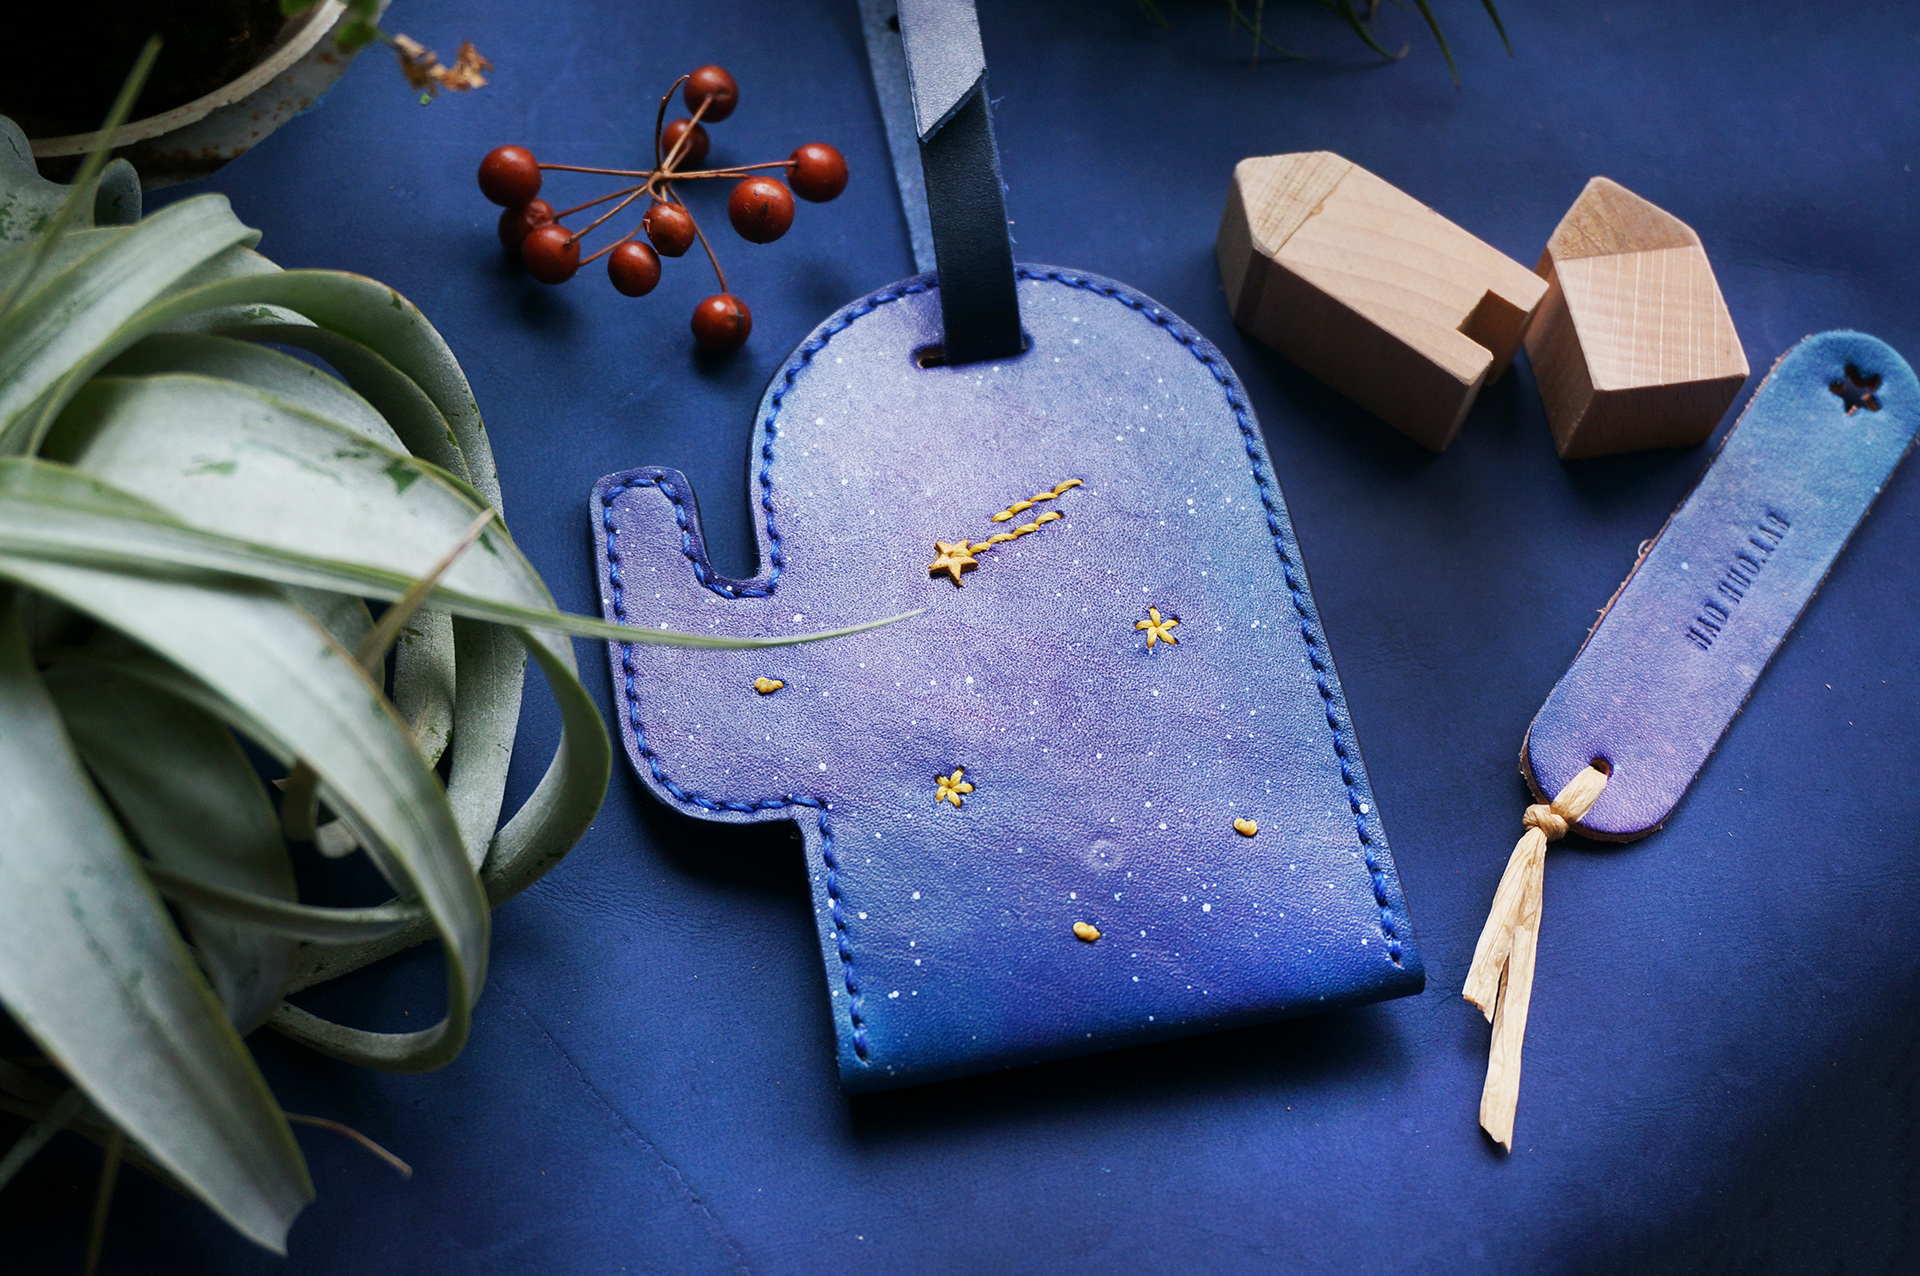 聖誕限定手作課程 皮革課 皮件課 卡套課